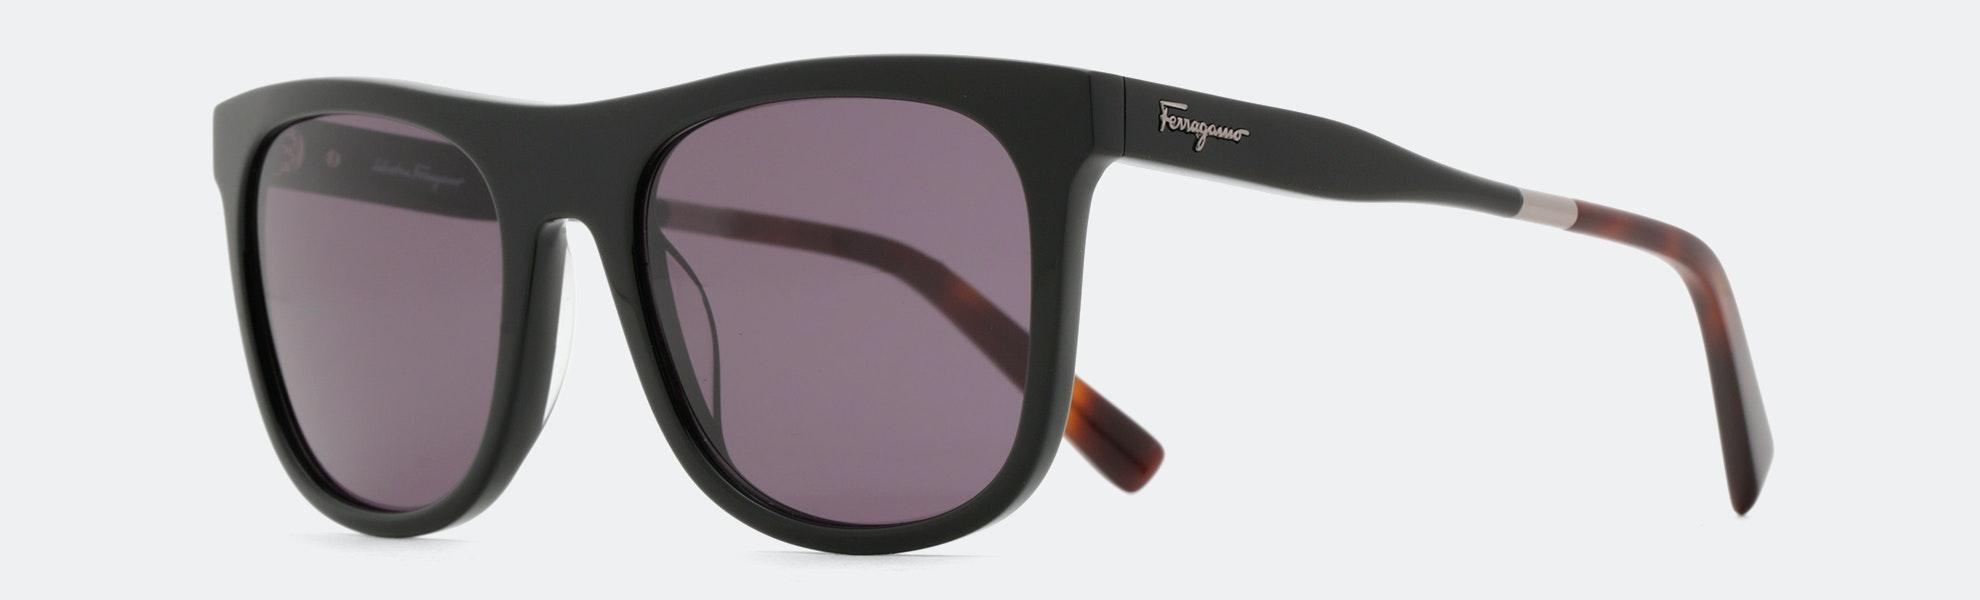 Salvatore Ferragamo SF864S Sunglasses